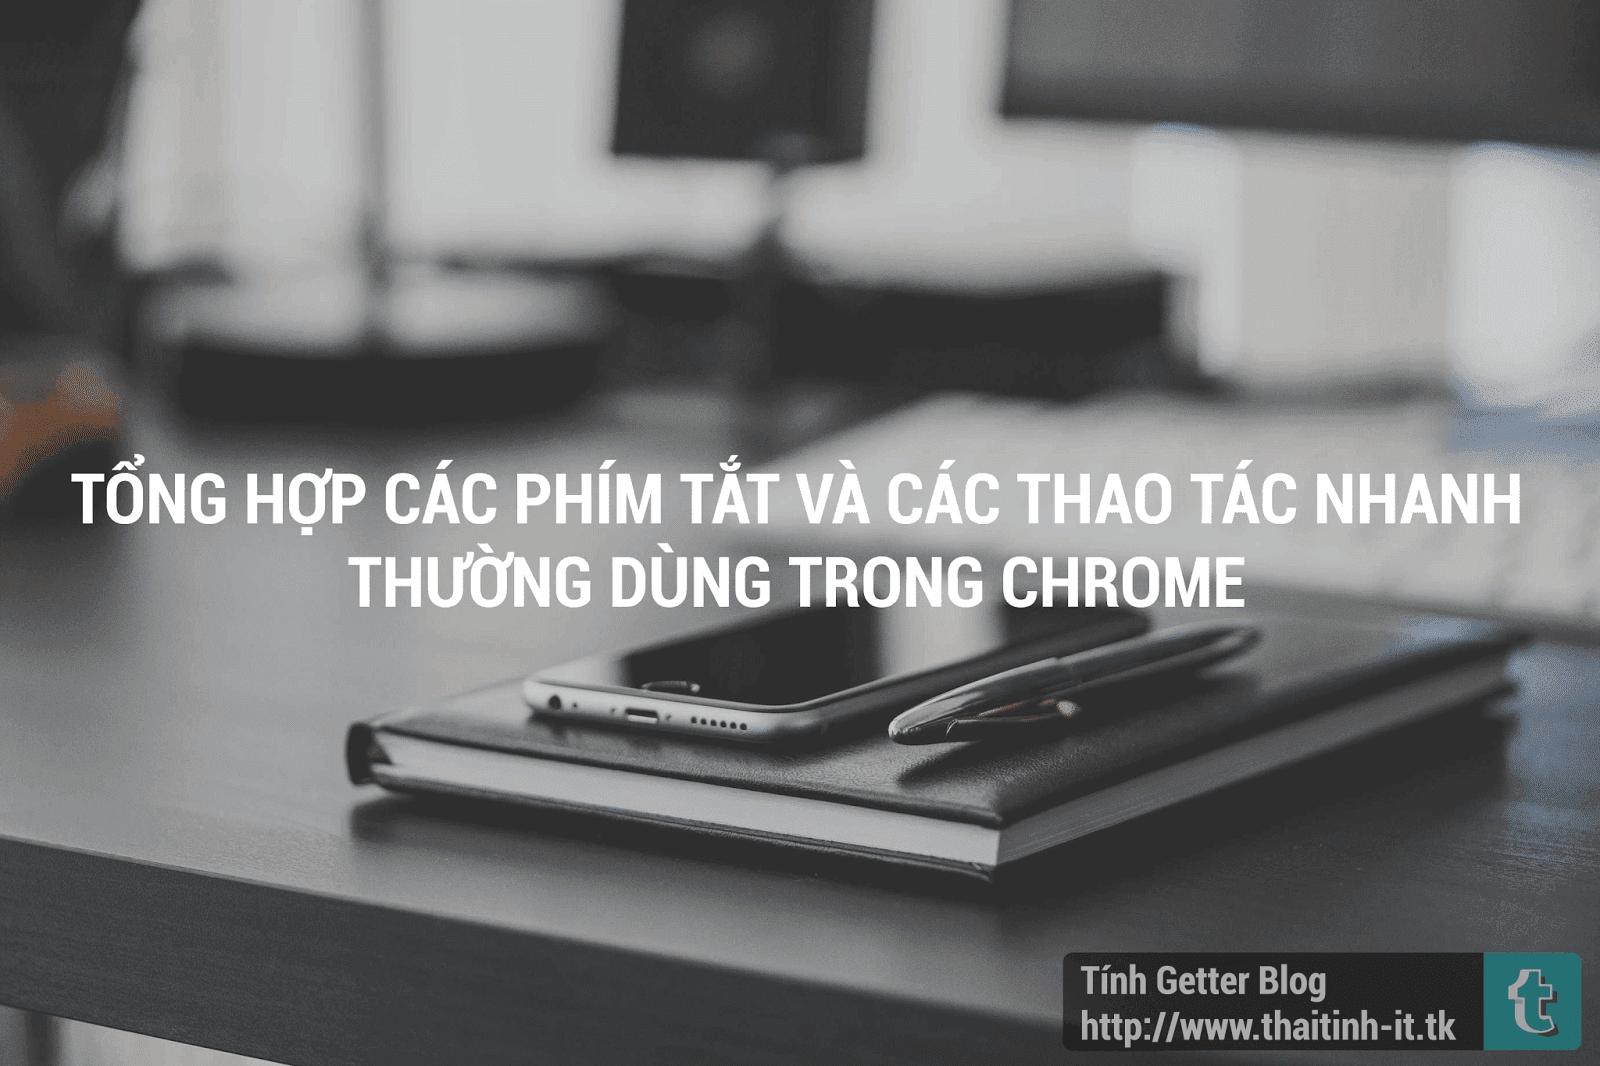 Thủ Thuật Web | Tổng Hợp Các Phím Tắt Thường Dùng Trong Chrome